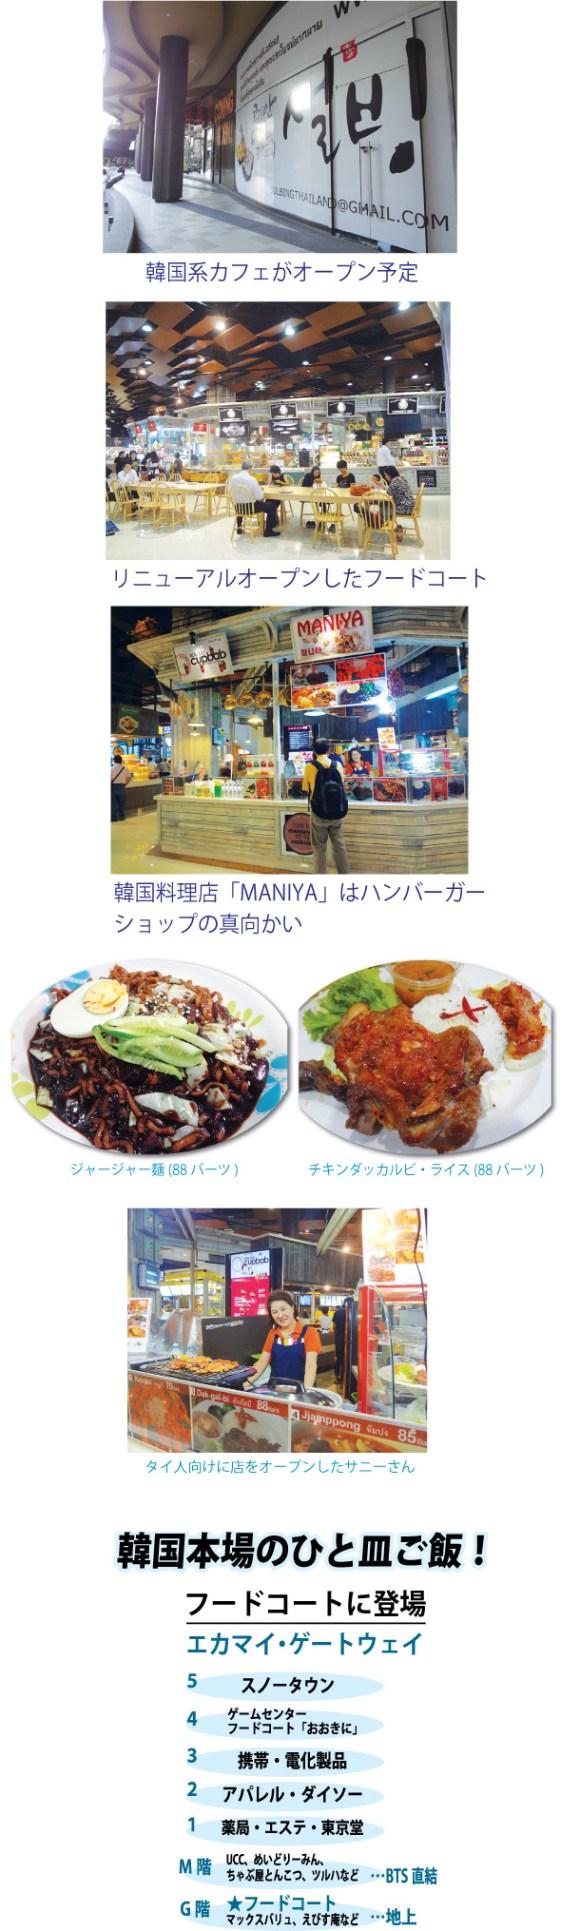 韓国本場のひと皿ご飯!